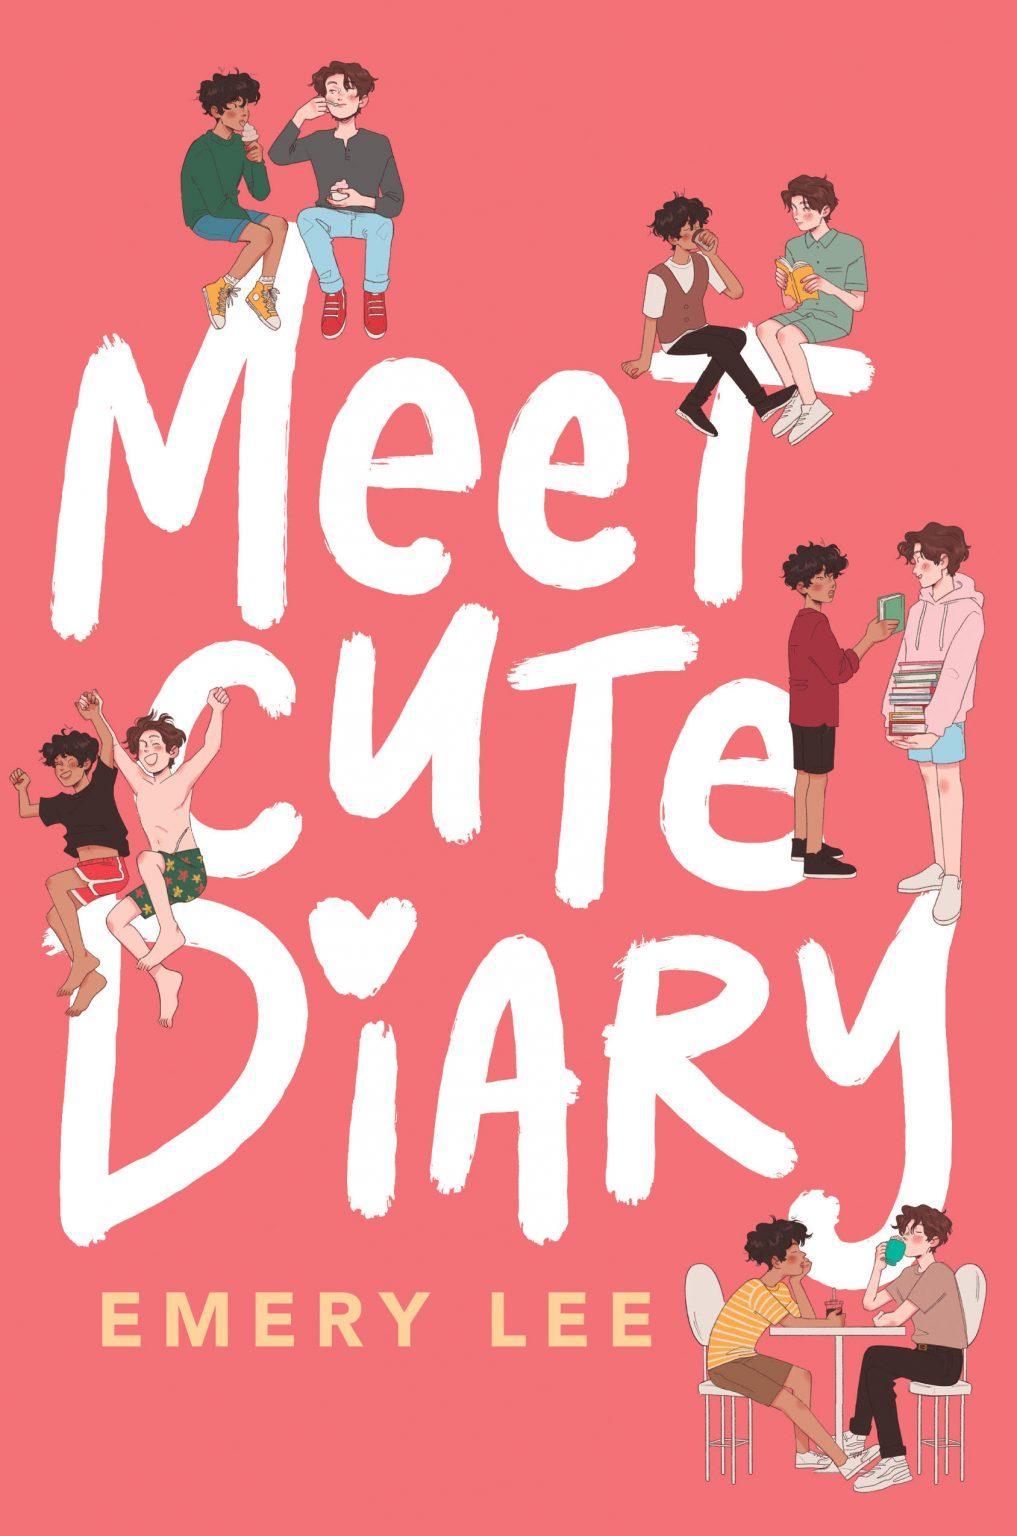 Book Queeries: Meet Cute Diary